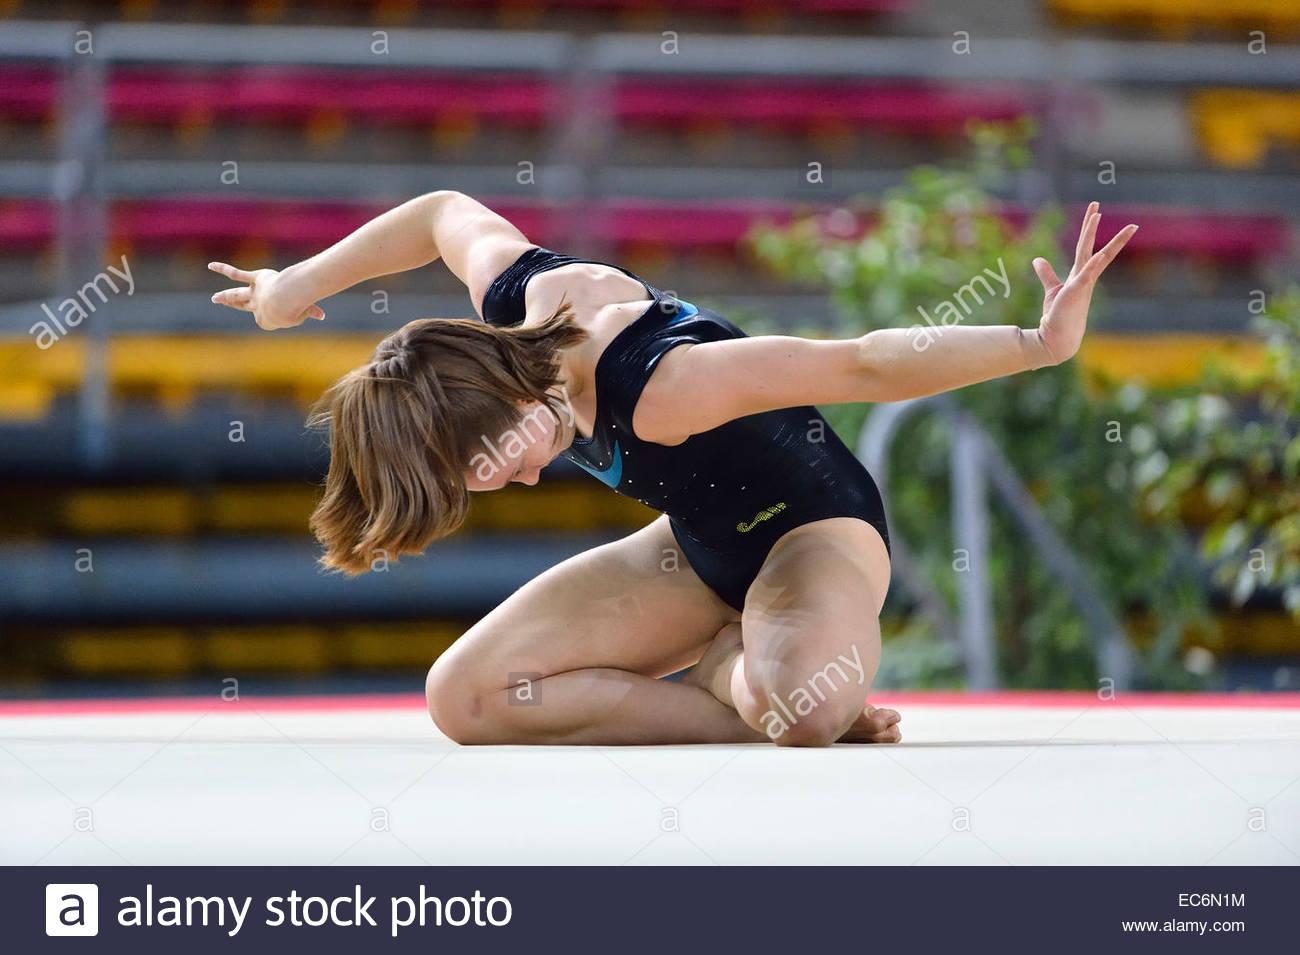 La ginnasta canadese Maude Lebeau in azione sul terreno durante la palestra Elite Massilia al Palais des Sports Foto Stock